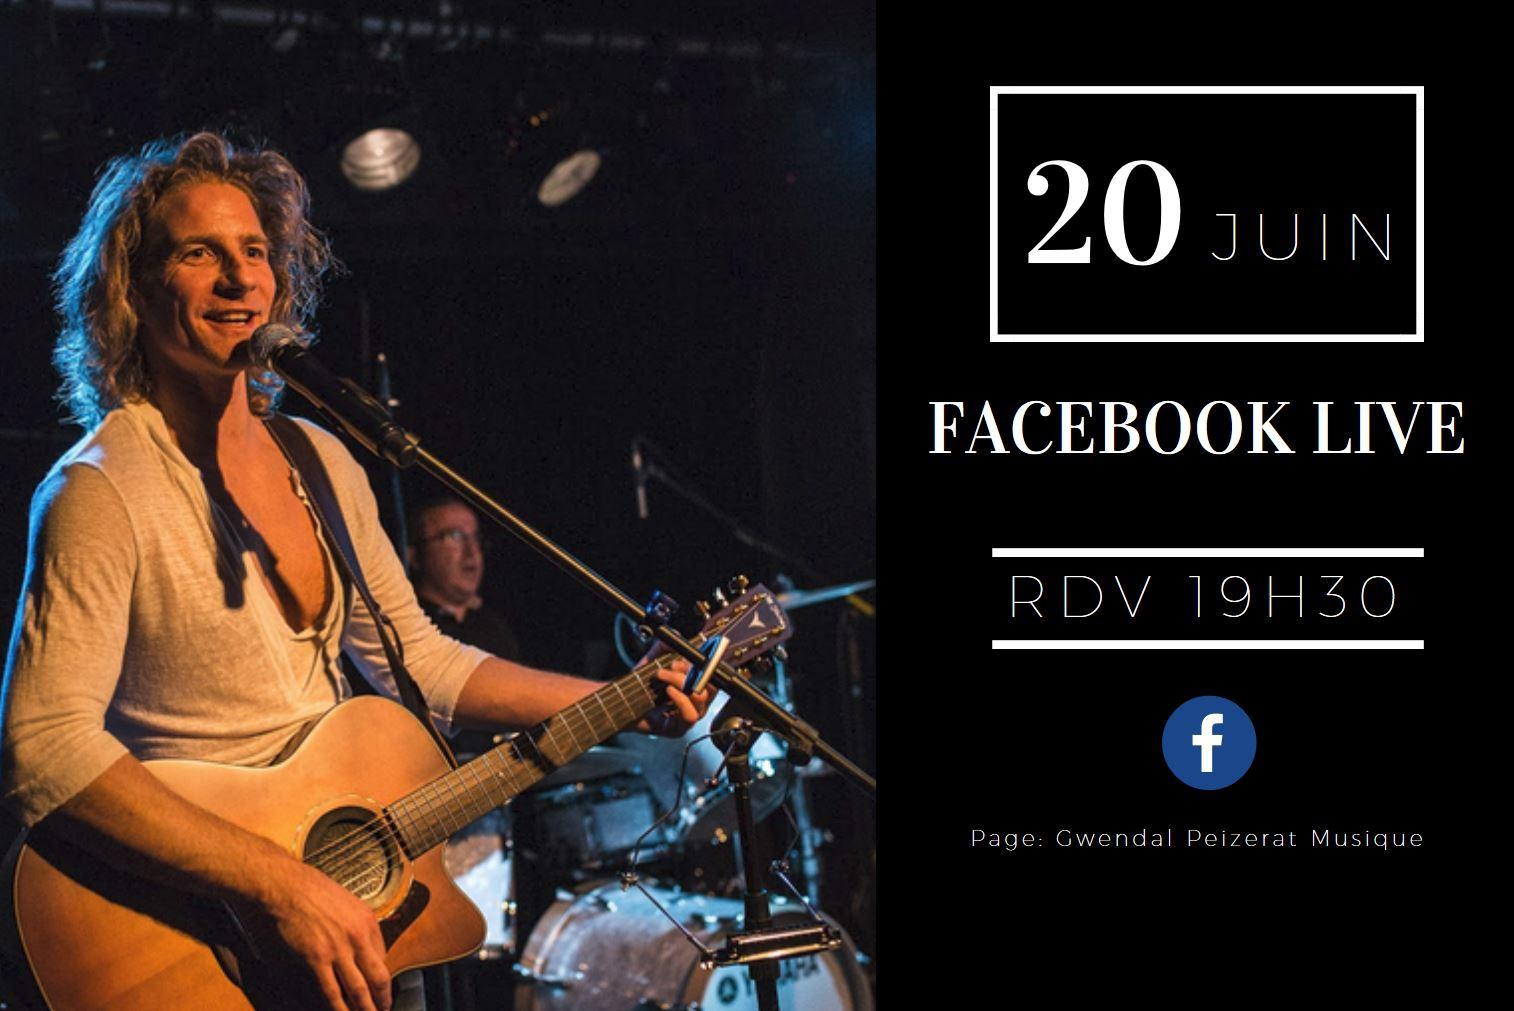 Facebook Live le 20 juin à 19h30